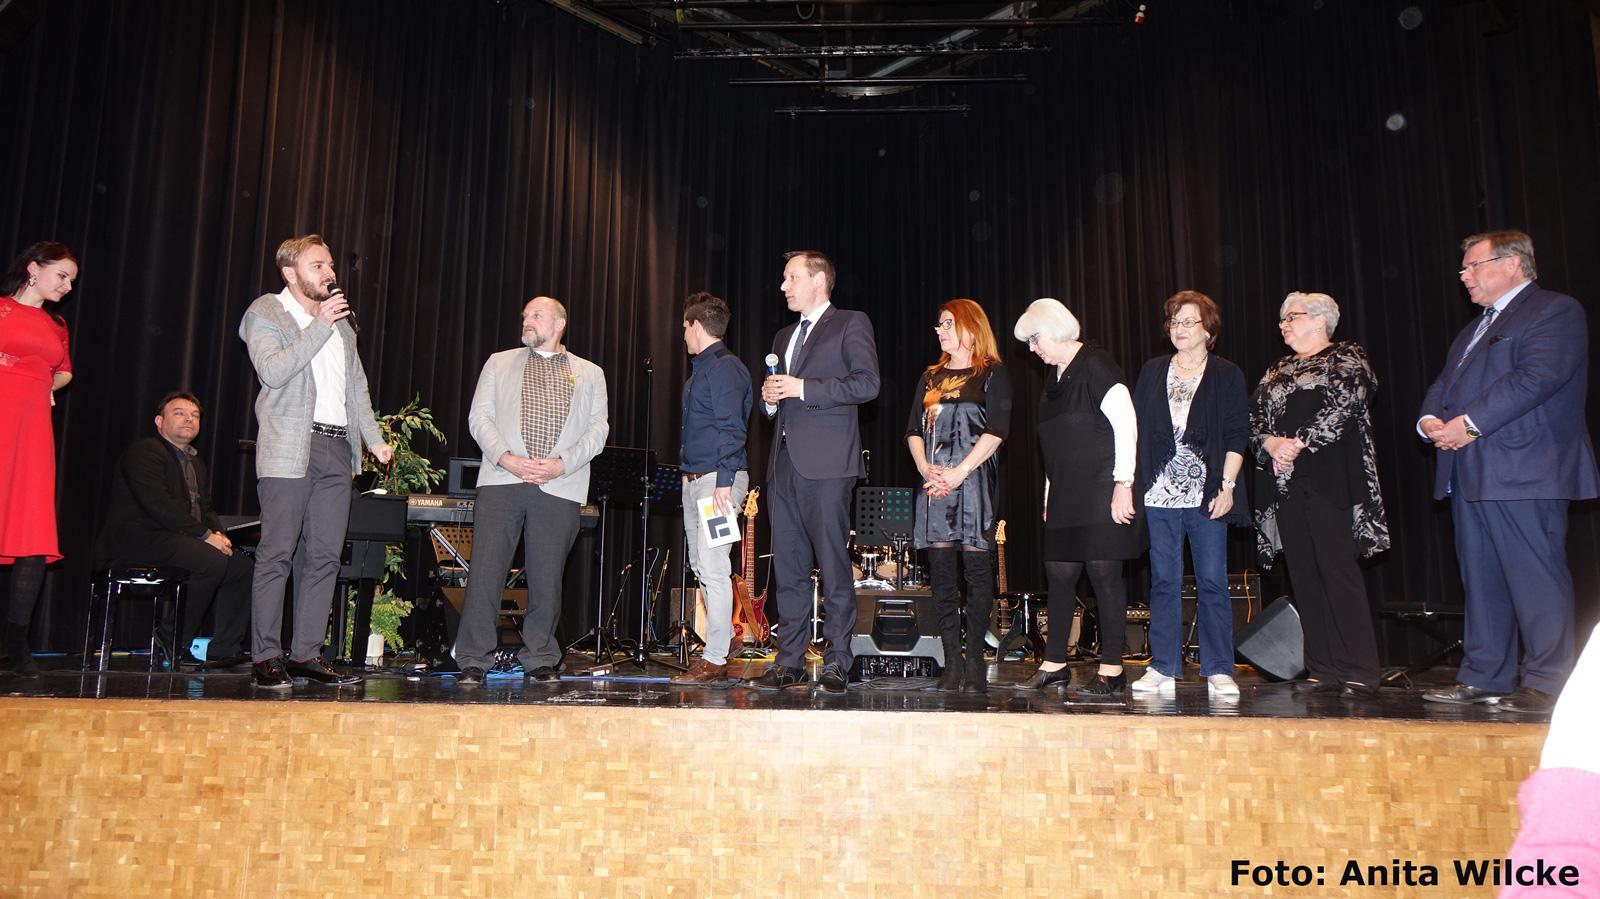 Eine Benefizveranstaltung, die ihresgleichen sucht: Gala von Marcel Schneider in Feucht mit Musikschulkindern war erneut ein fulminanter Erfolg: 3000 Euro kamen zusammen.